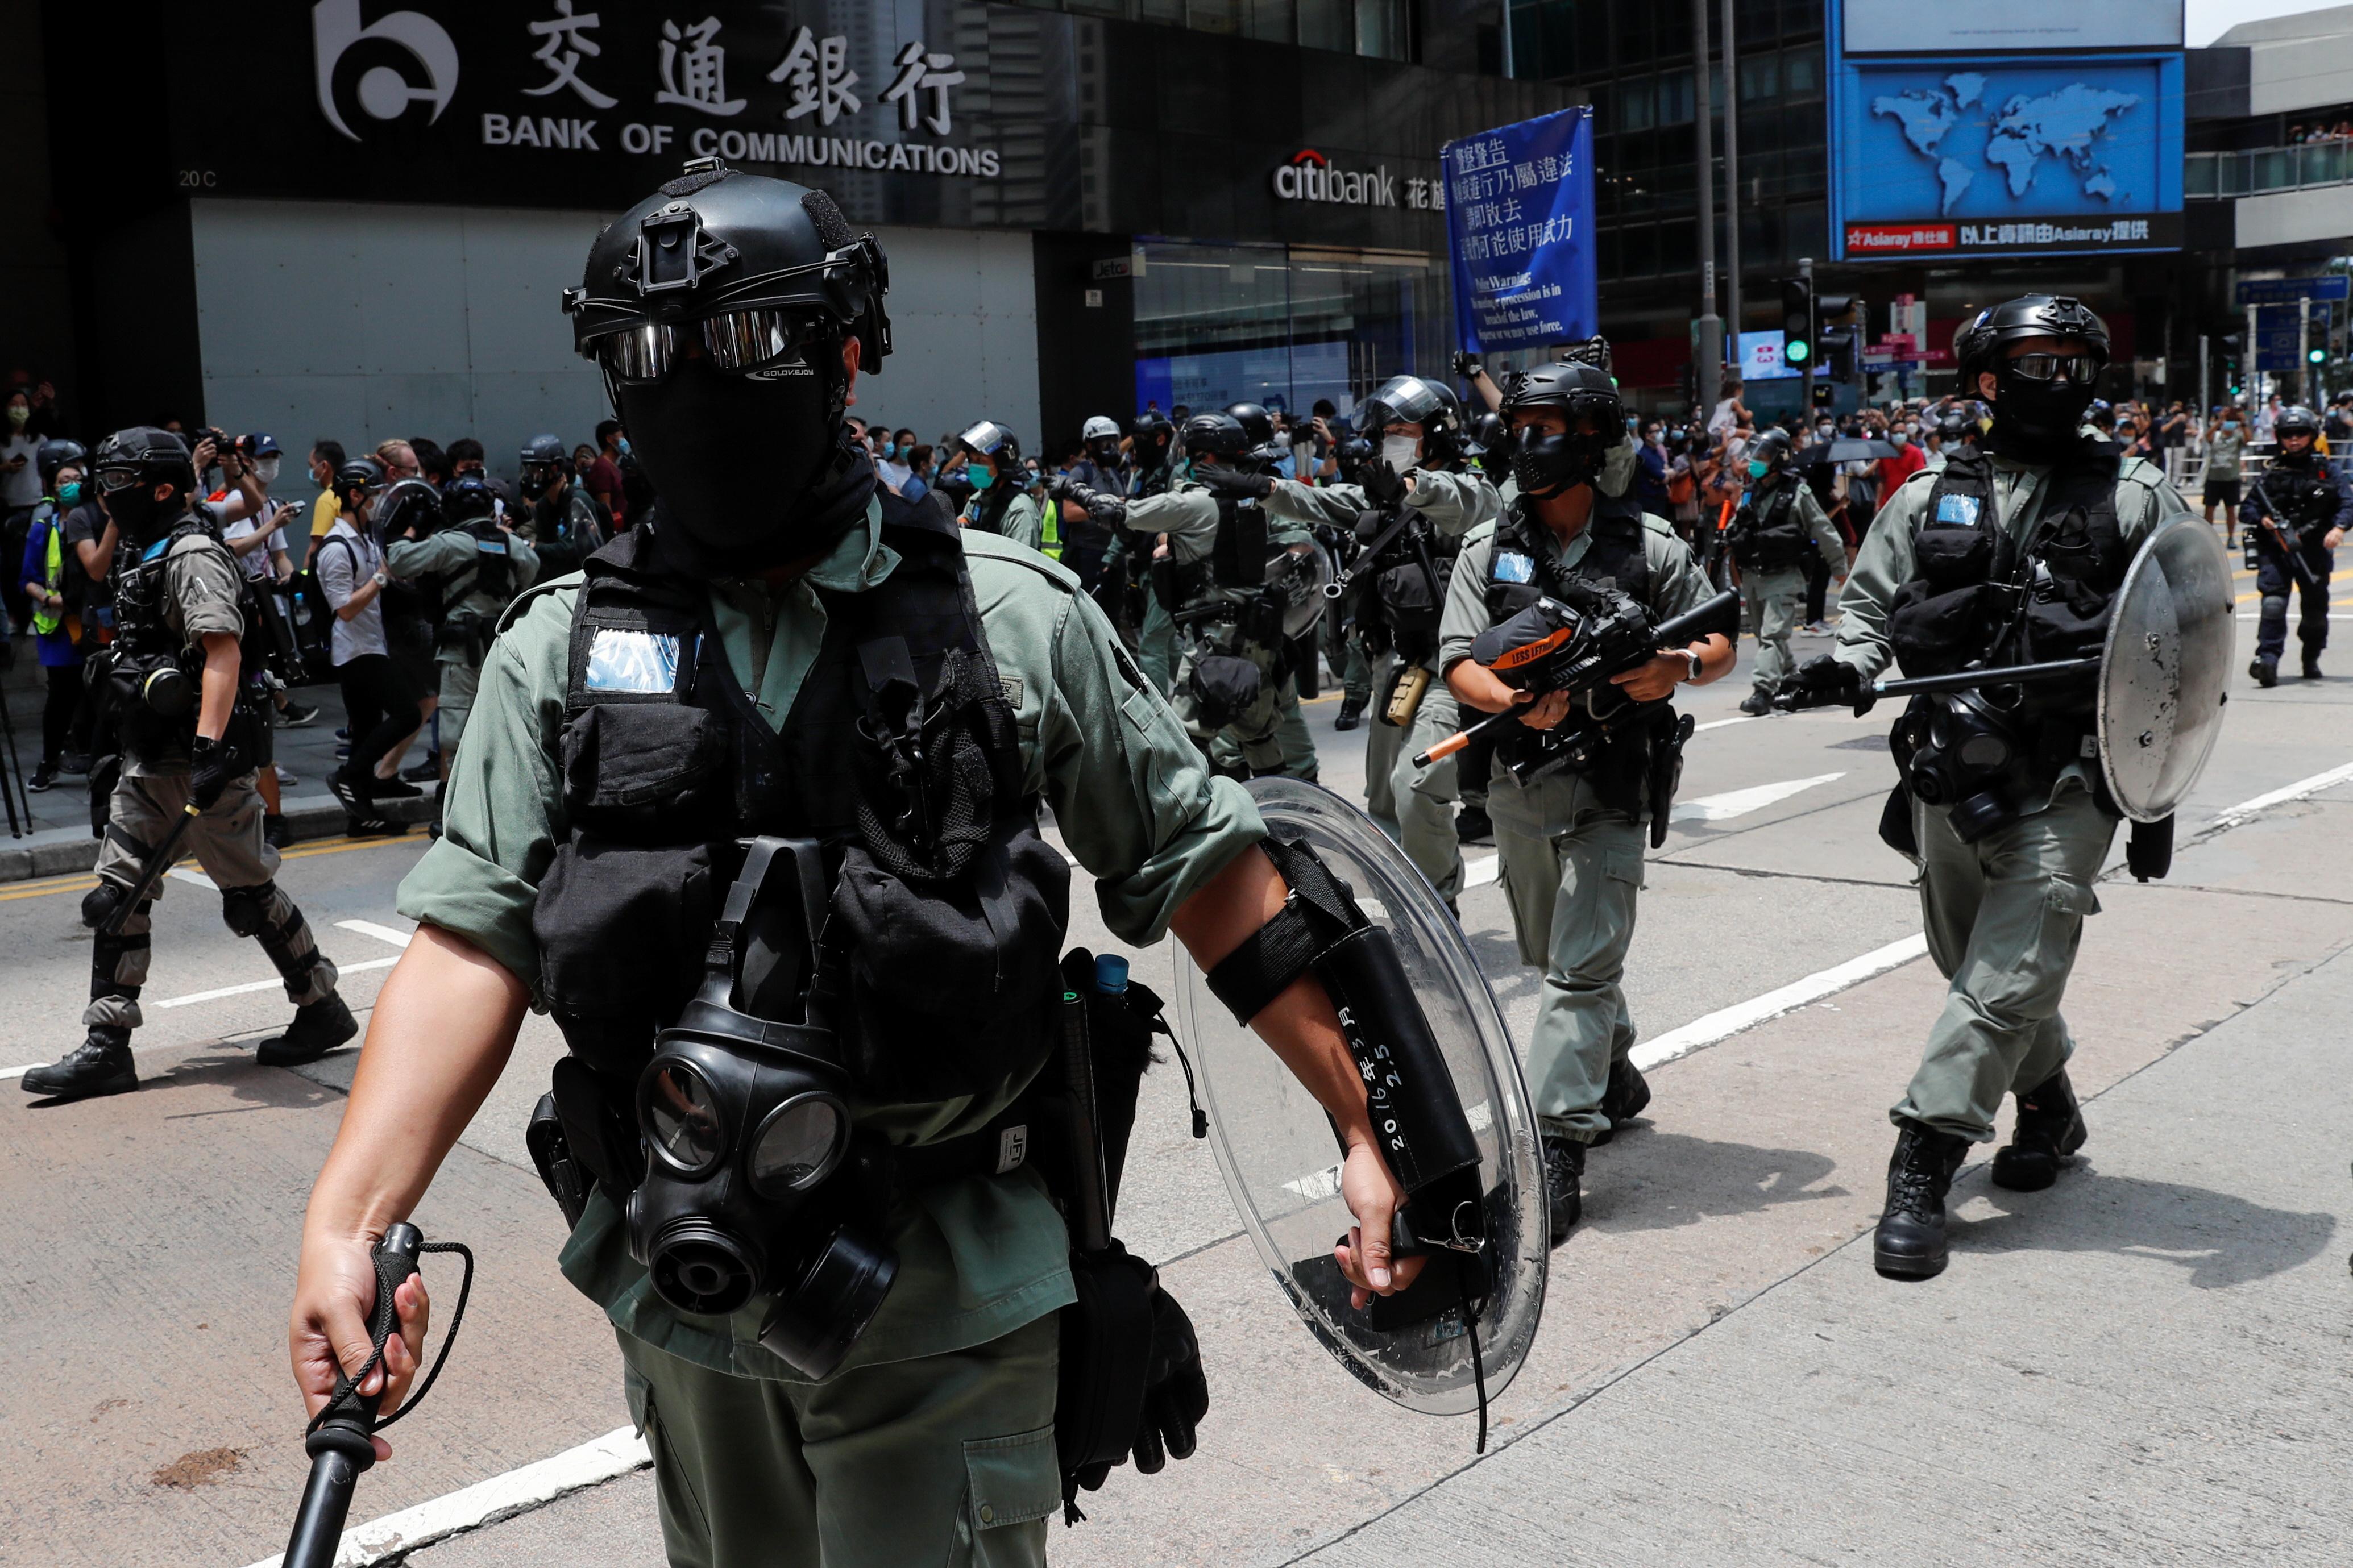 Hong Kong no longer deserves special U.S. status, Pompeo says